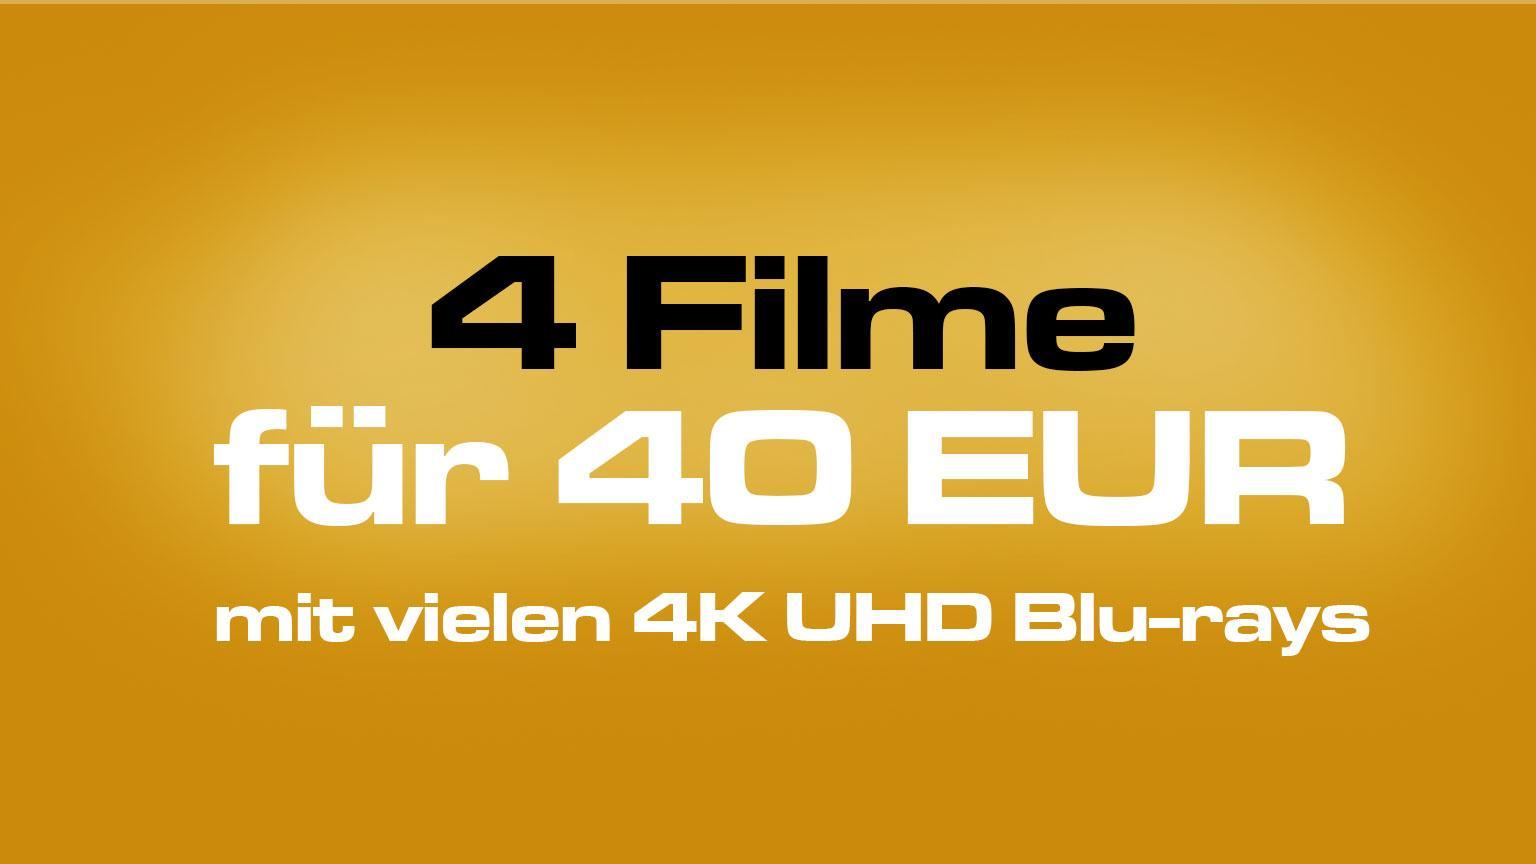 Deal Amazon.it 4 Filme für 40 EUR März 2019 Artikelbild